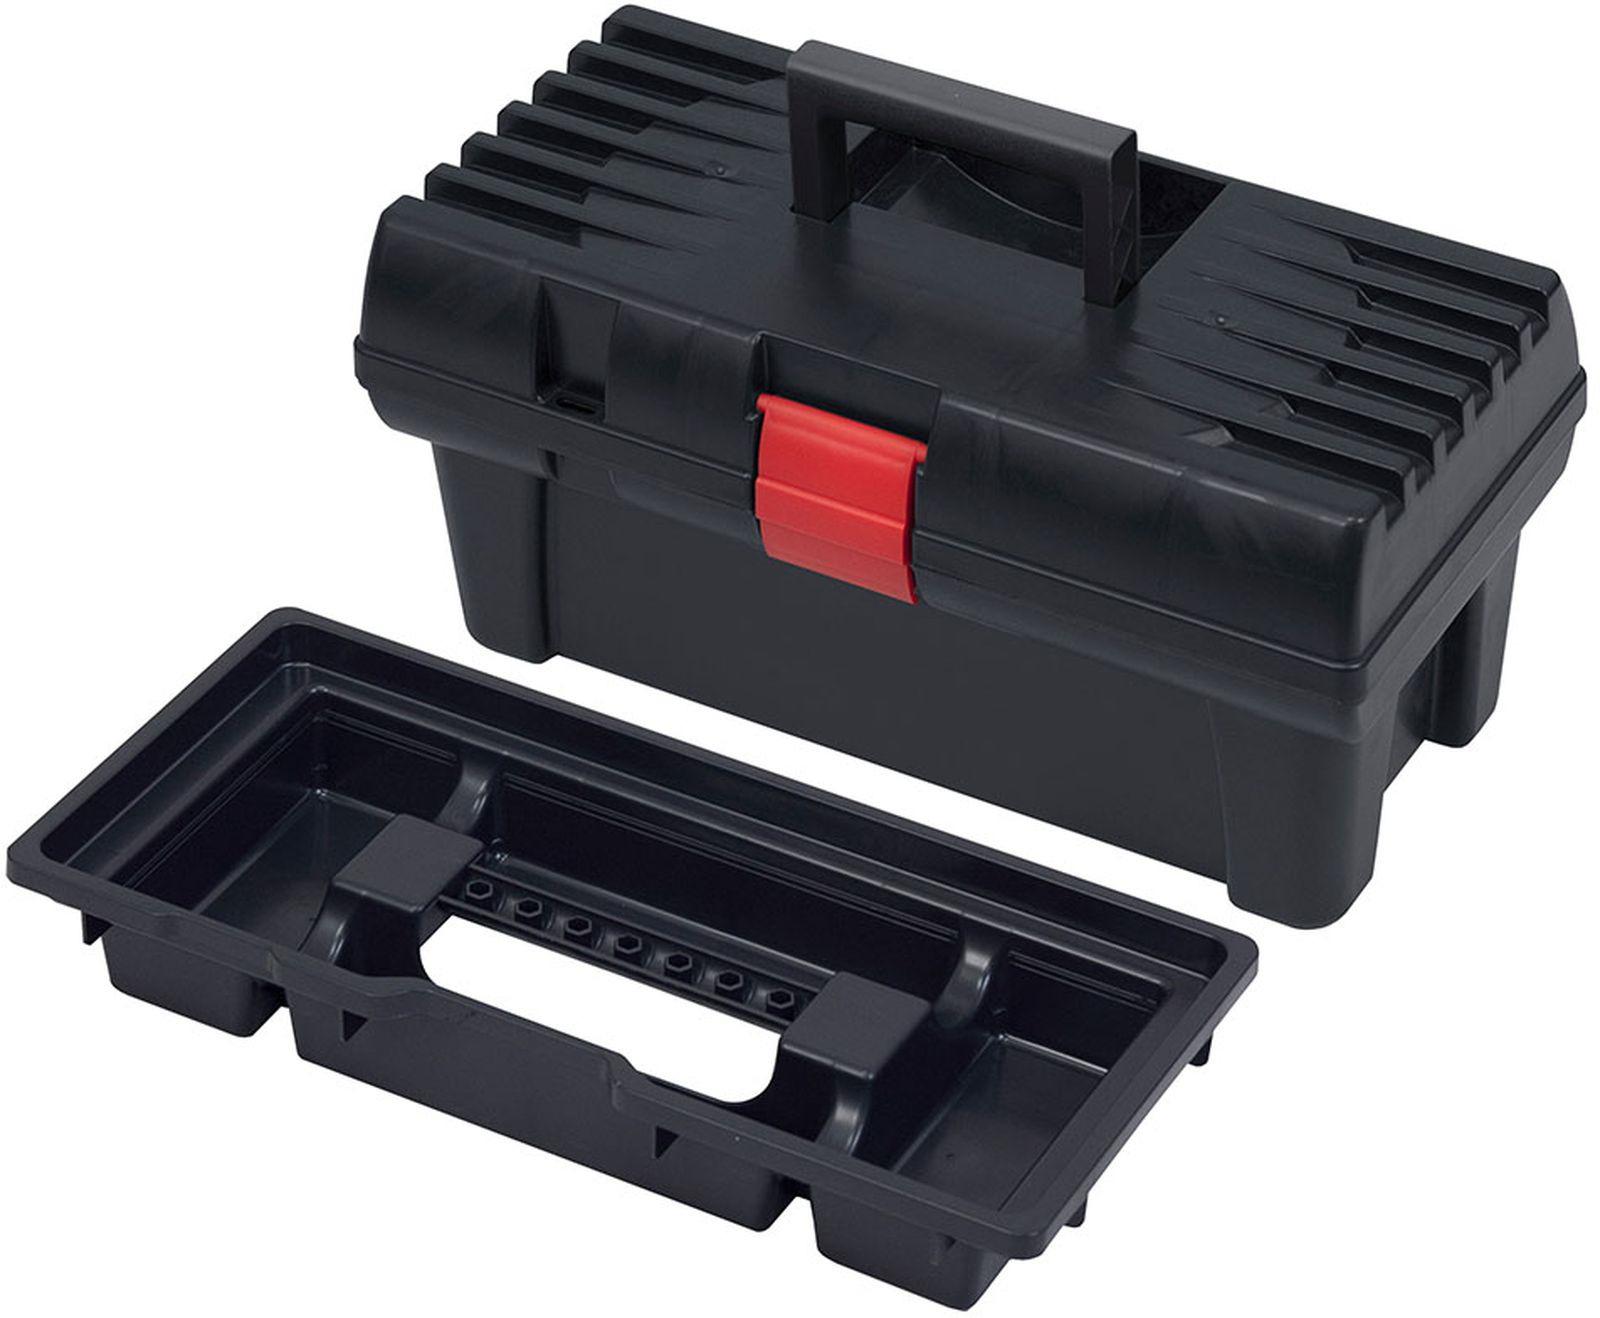 Ящик для инструментов Patrol Stuff, 146174, черный, 42 х 23 20 см